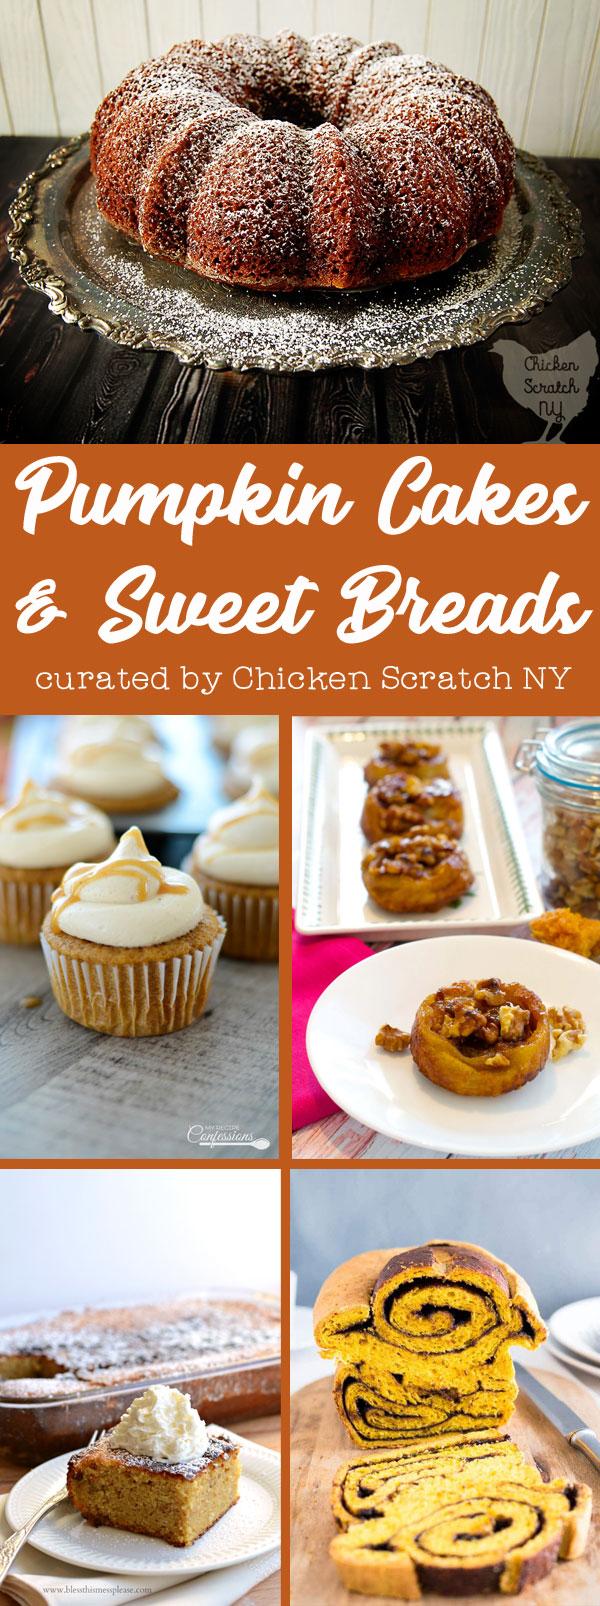 pumpkin recipe, pumpkin cake, pumpkin dessert